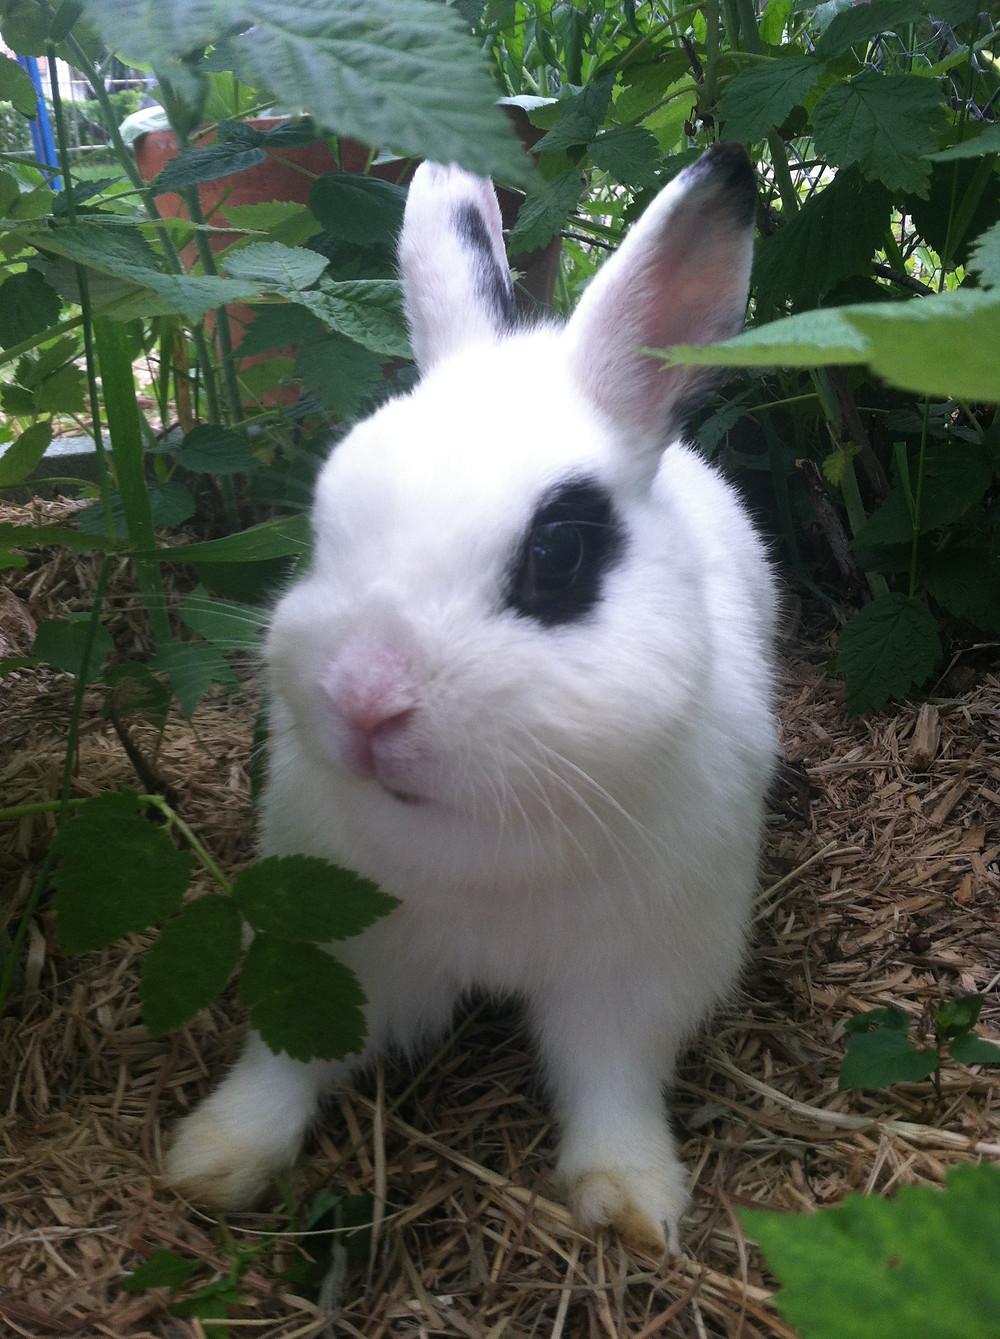 """""""Tator Tot"""" a dwarf Hotot rabbit"""